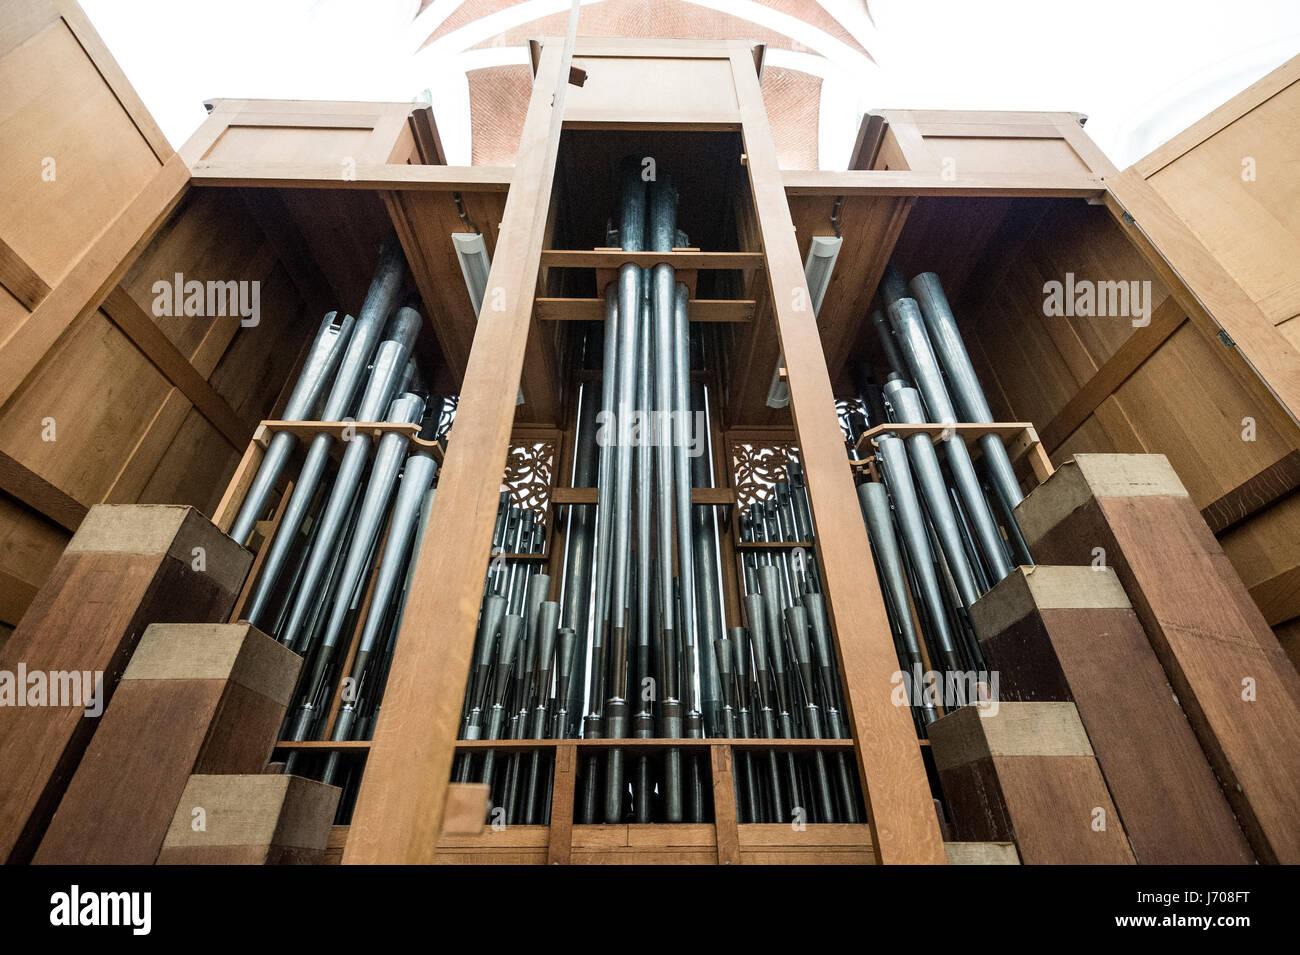 pipe organ in church - Stock Image